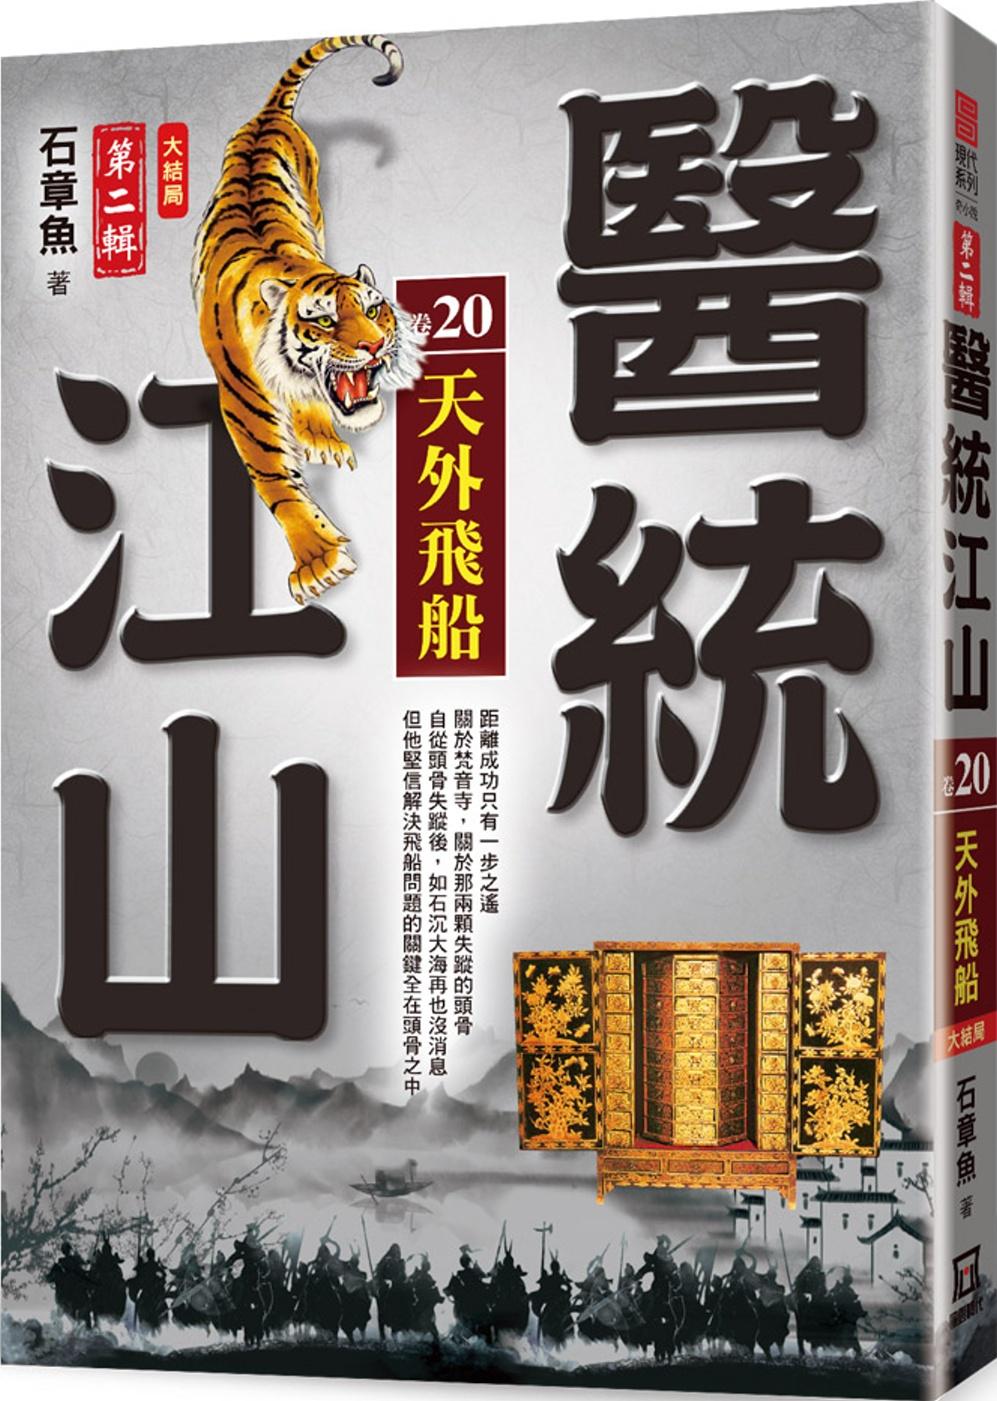 醫統江山Ⅱ之20【天外飛船】<...